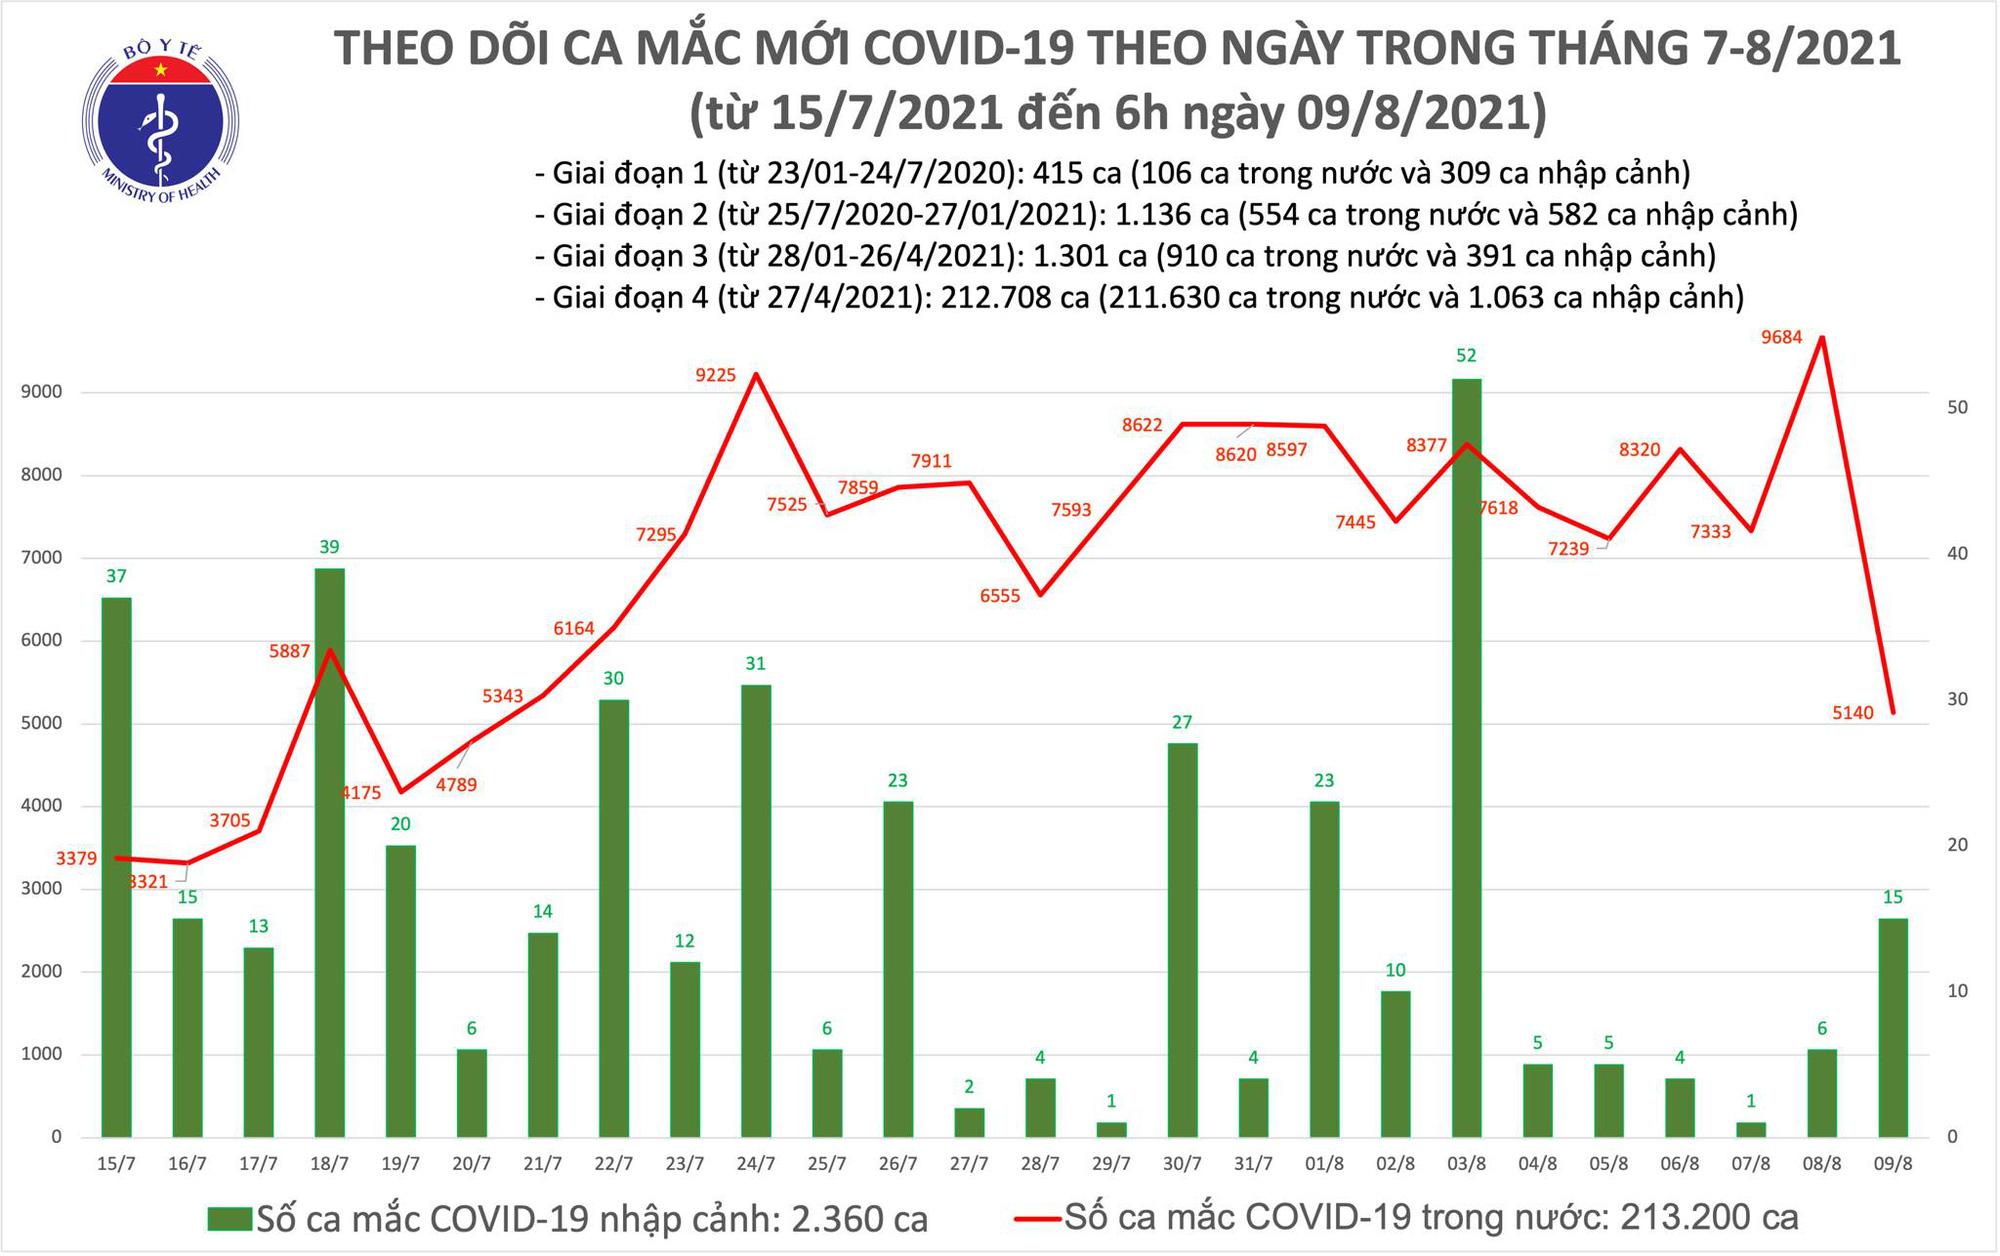 Sáng 9/8: Thêm 5.155 ca mắc COVID-19 tại 22 tỉnh, thành phố, riêng Bình Dương 1.725 ca - Ảnh 1.